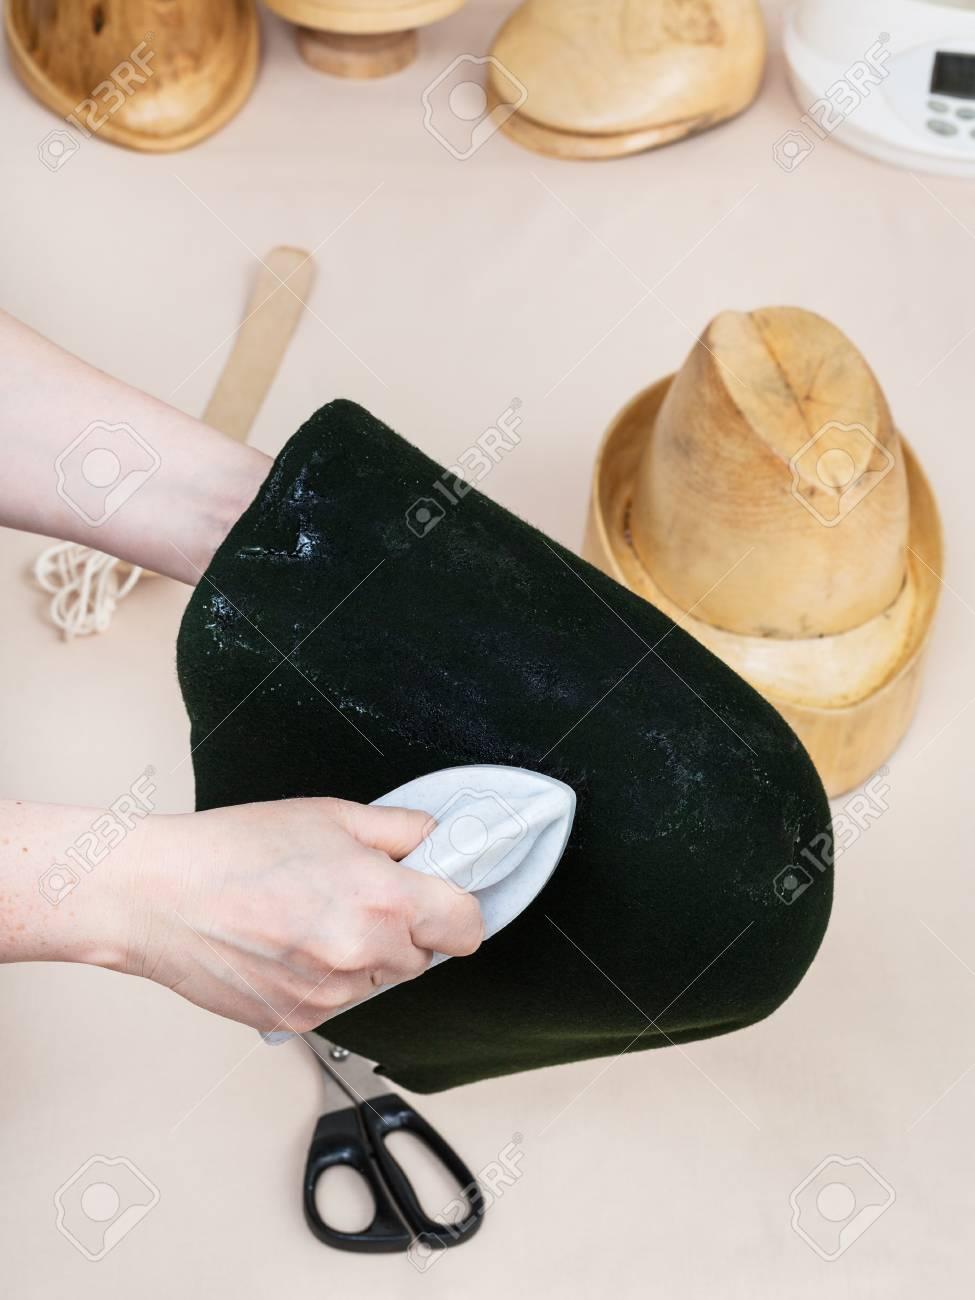 workshop for alpine felt hat making - hatter gluing a felt hood